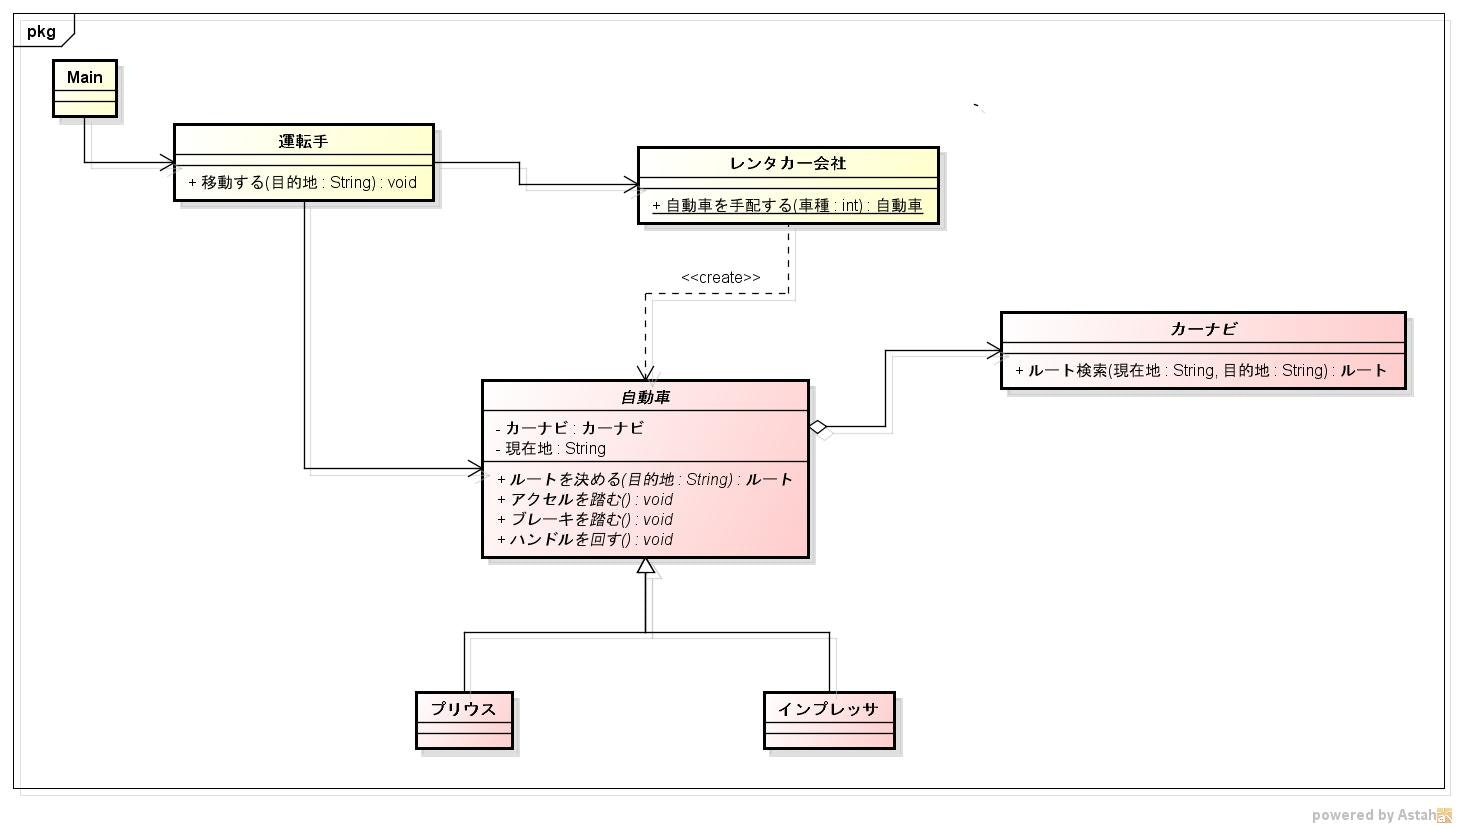 自動車_クラス図.jpg